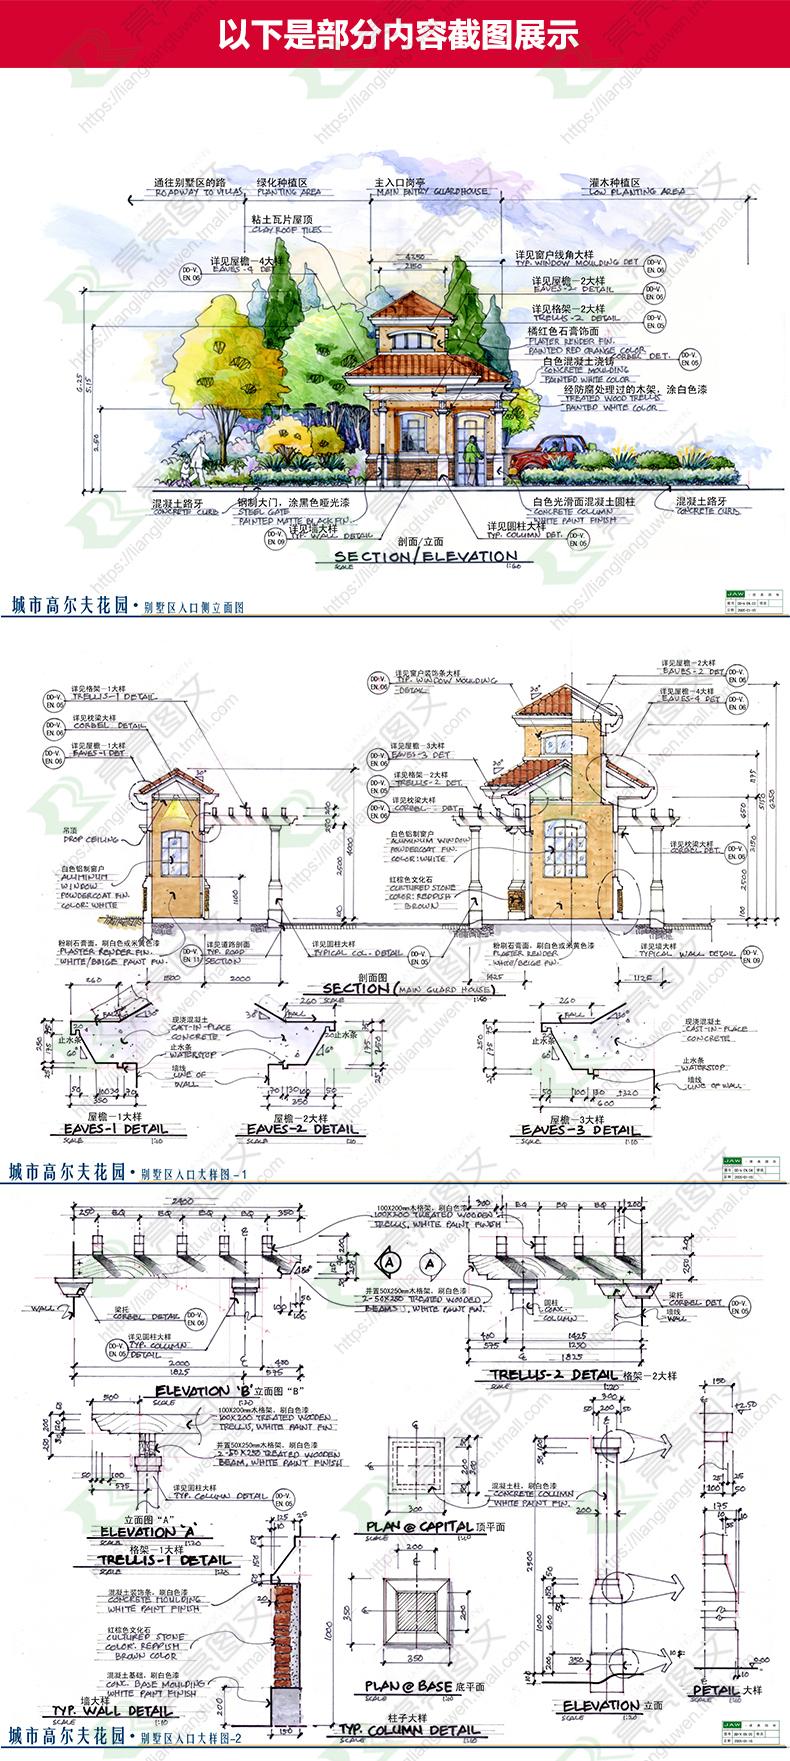 园林景观手绘效果图平面立面剖面全套住宅小区别墅花园快题设计